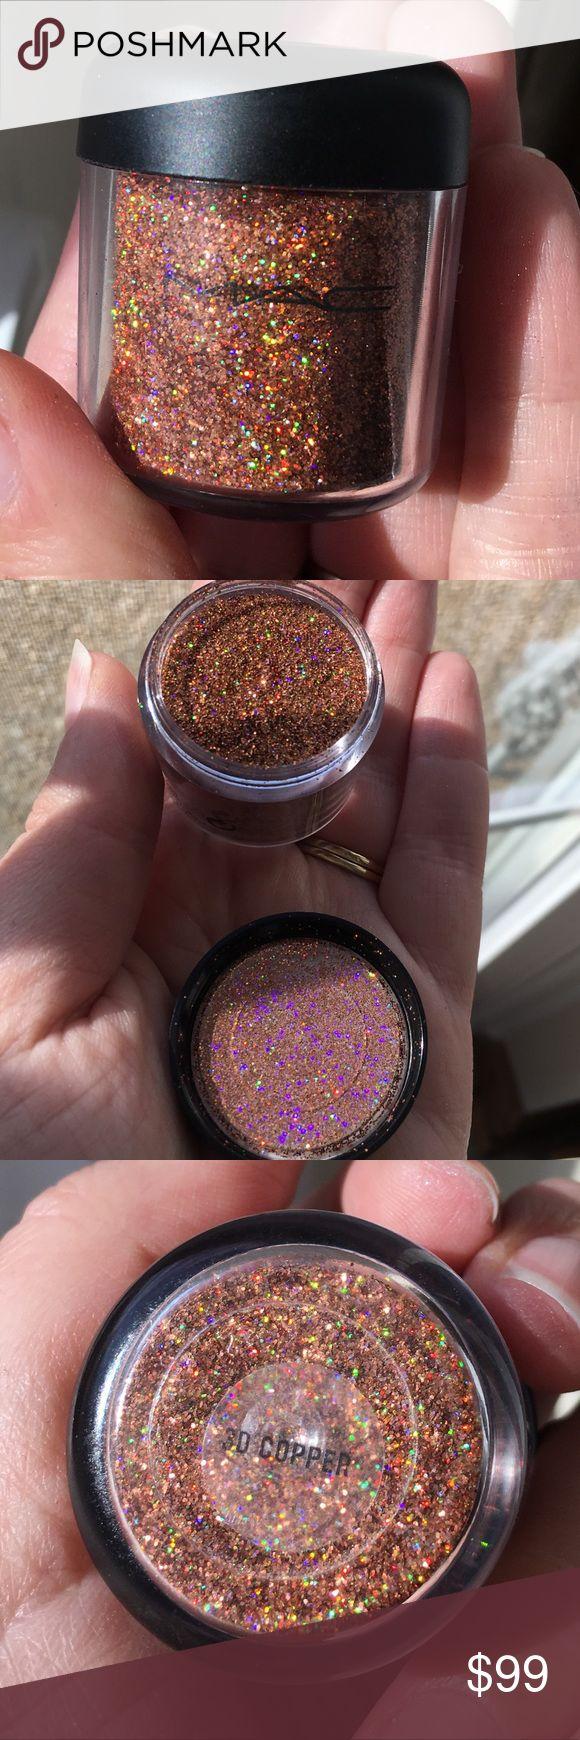 """Mac 3D Copper Glitter Pigment Mac glitter in """"3D Copper"""" extremely rare MAC Cosmetics Makeup"""